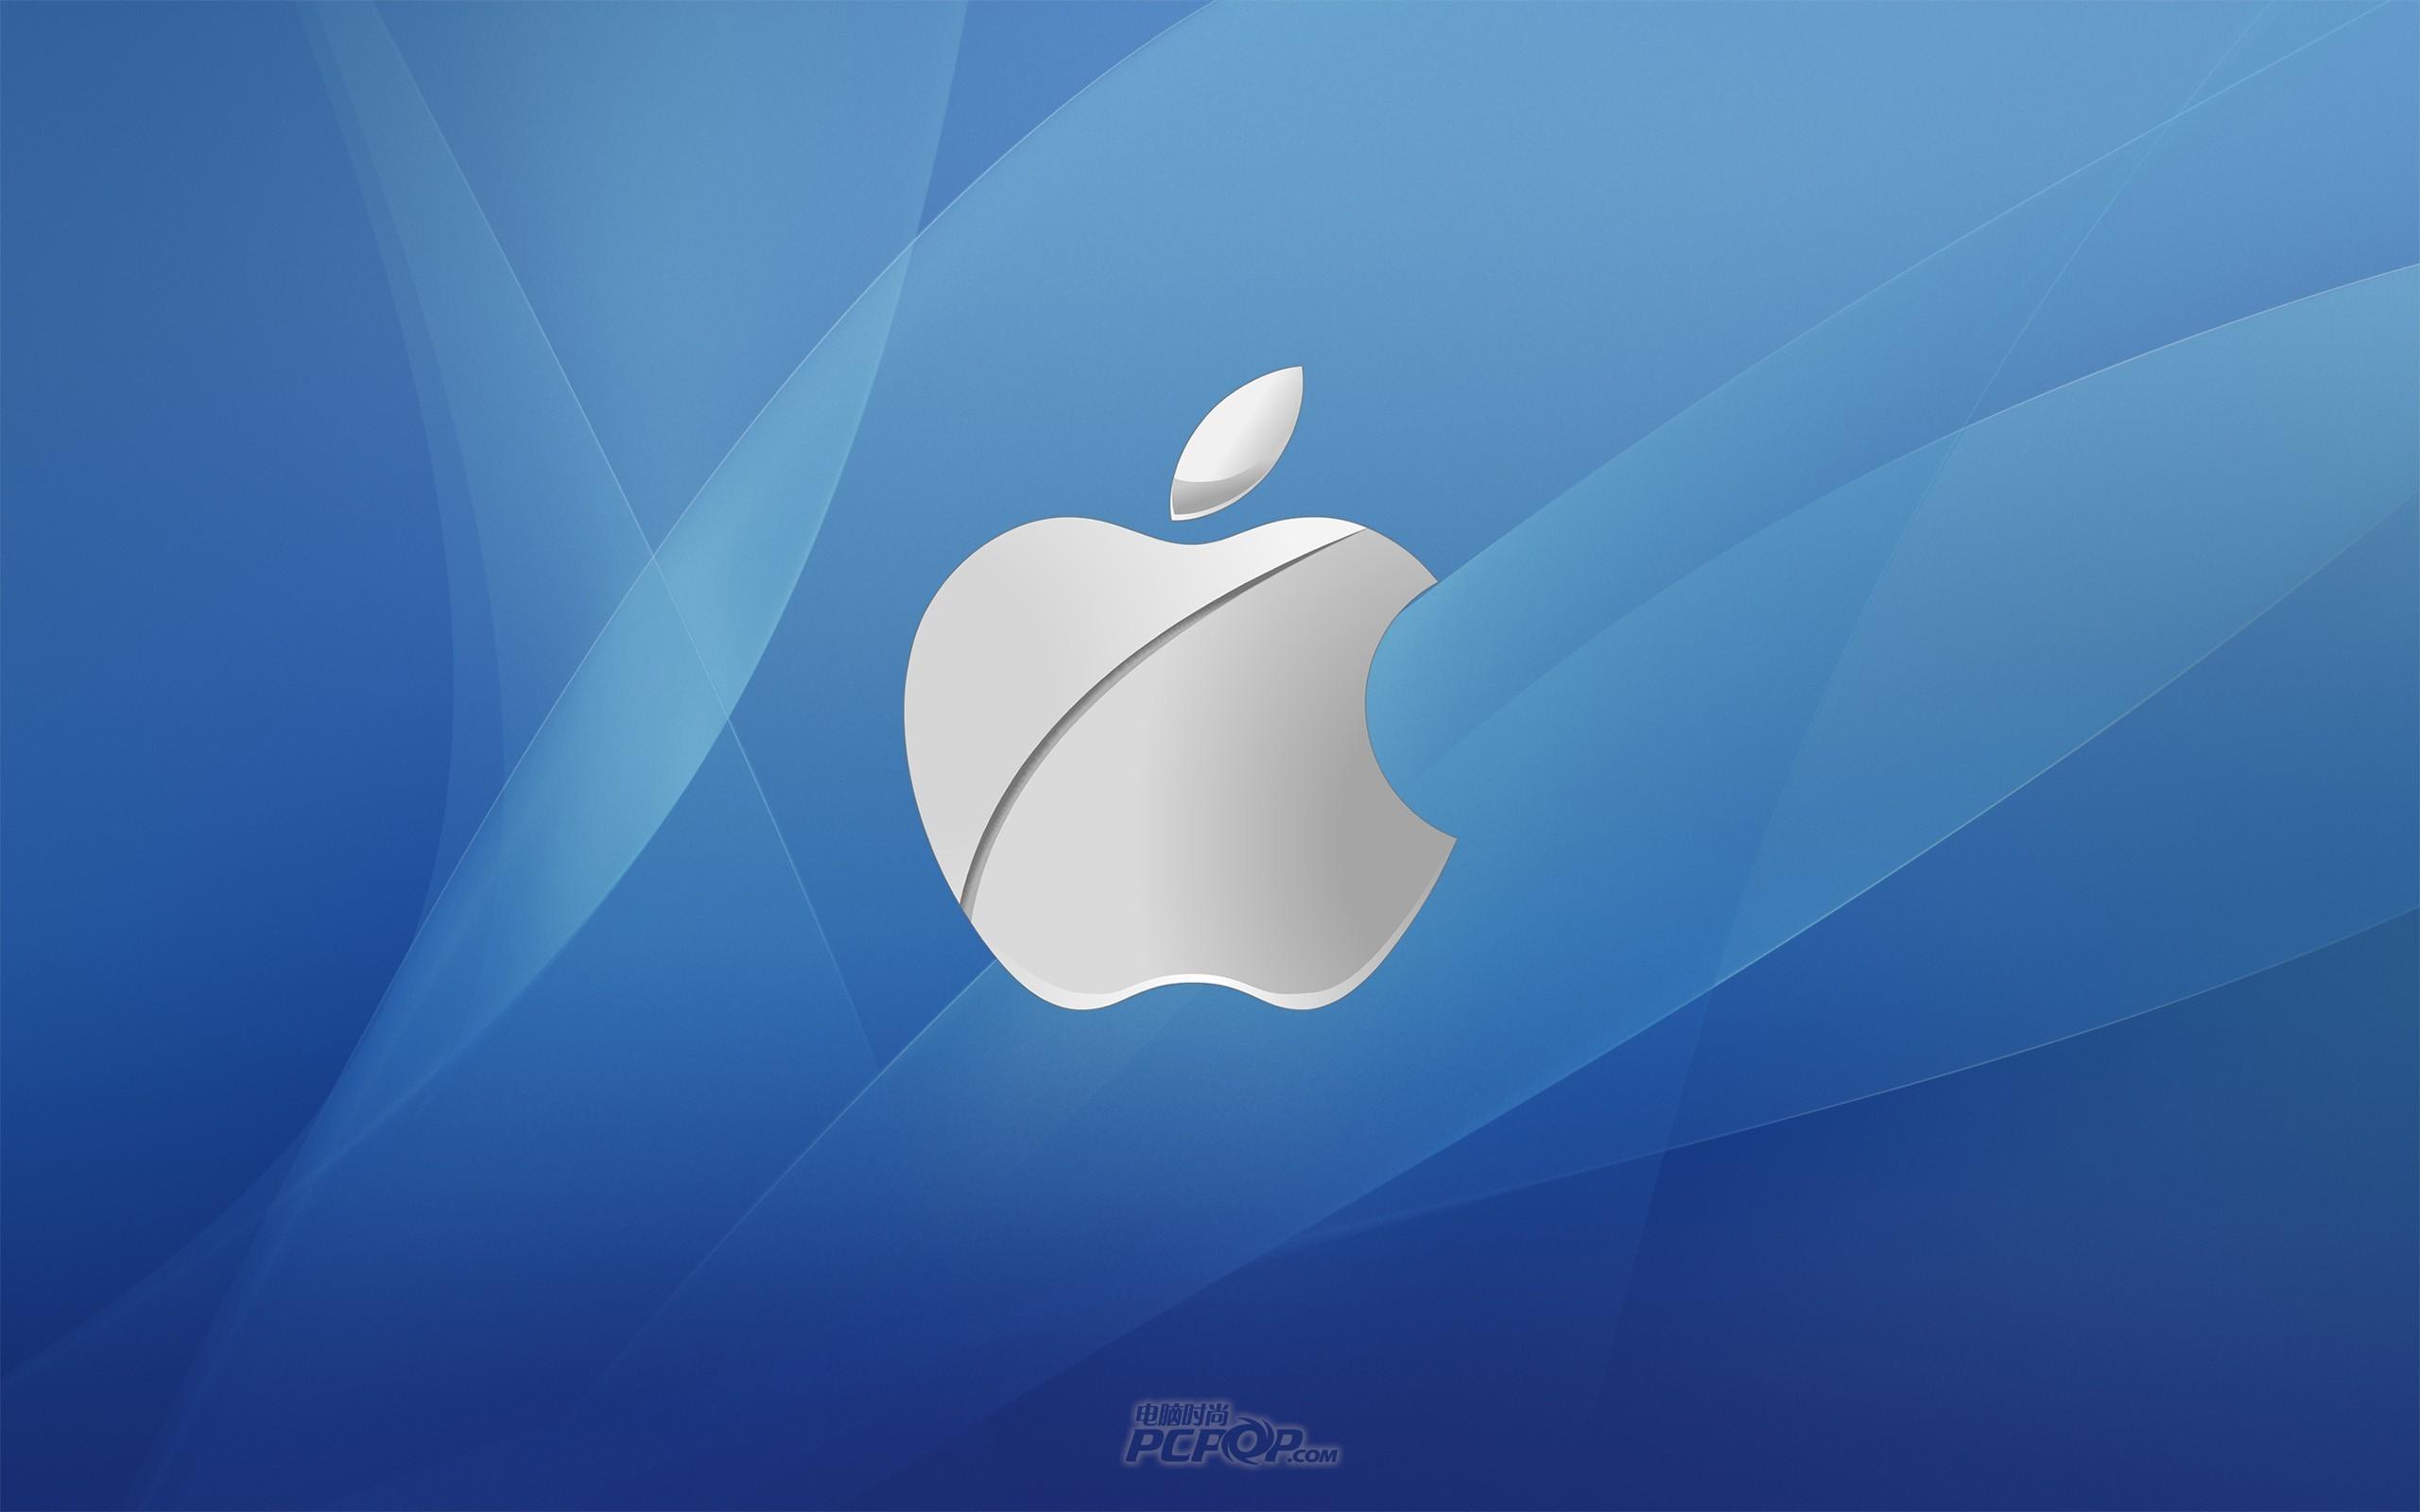 送2张苹果壁纸给兄弟们作桌面(2560x1600); mac经典高清壁纸图片大全